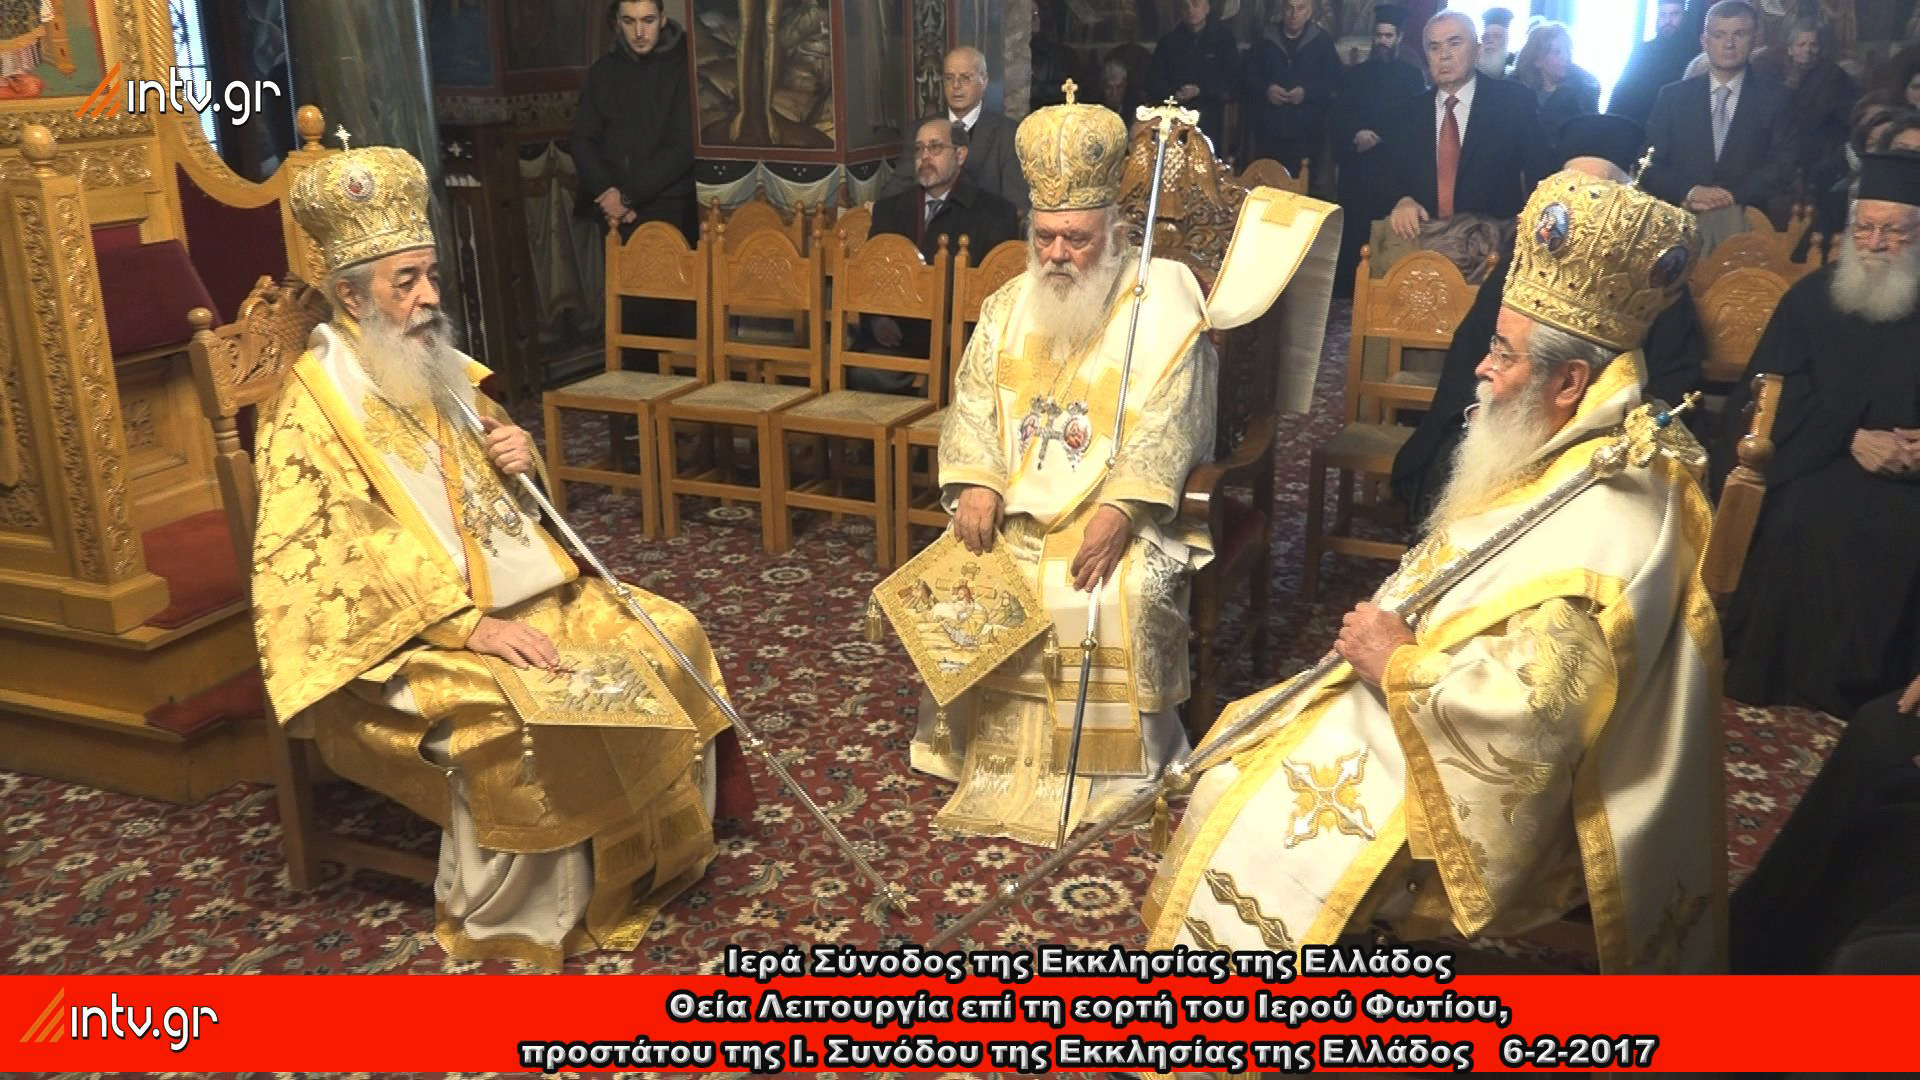 Θεία Λειτουργία επί τη εορτή του Ιερού Φωτίου, προστάτου της Ι. Συνόδου της Εκκλησίας της Ελλάδος 2017